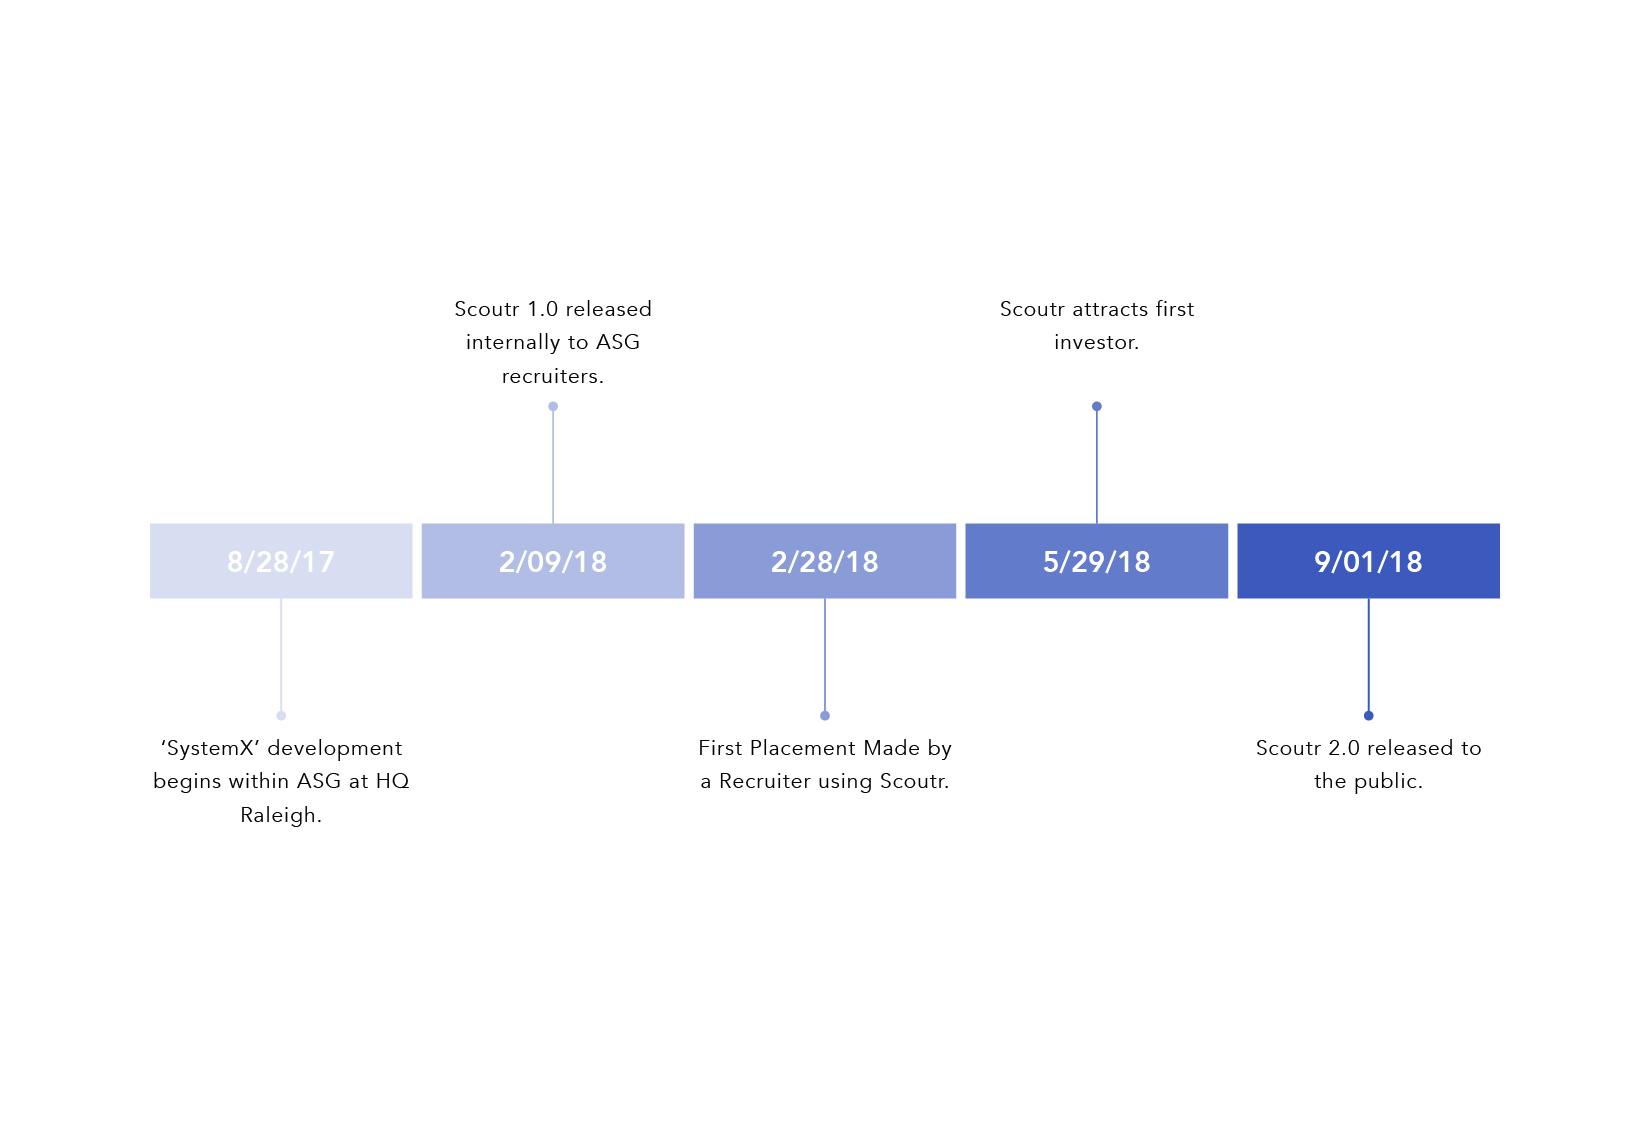 Timeline_V2.png